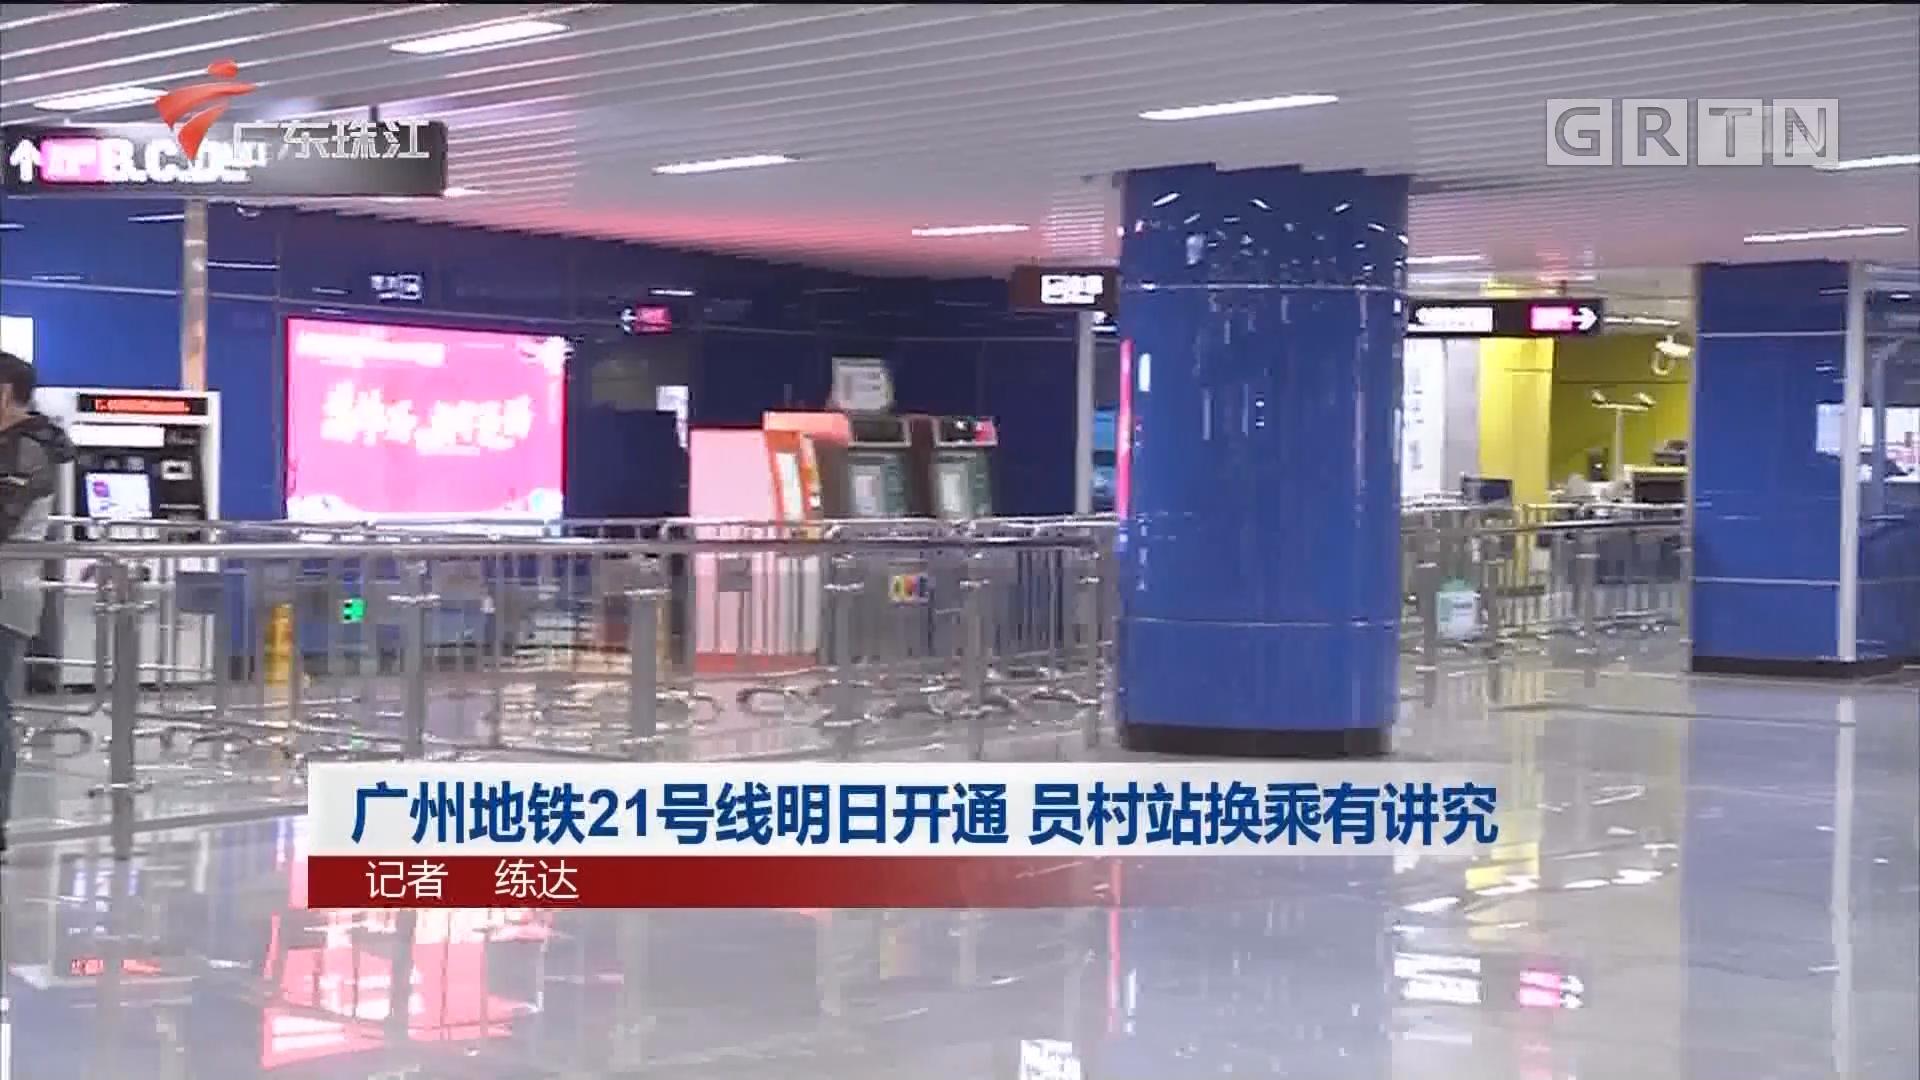 广州地铁21号线明日开通 员村站换乘有讲究